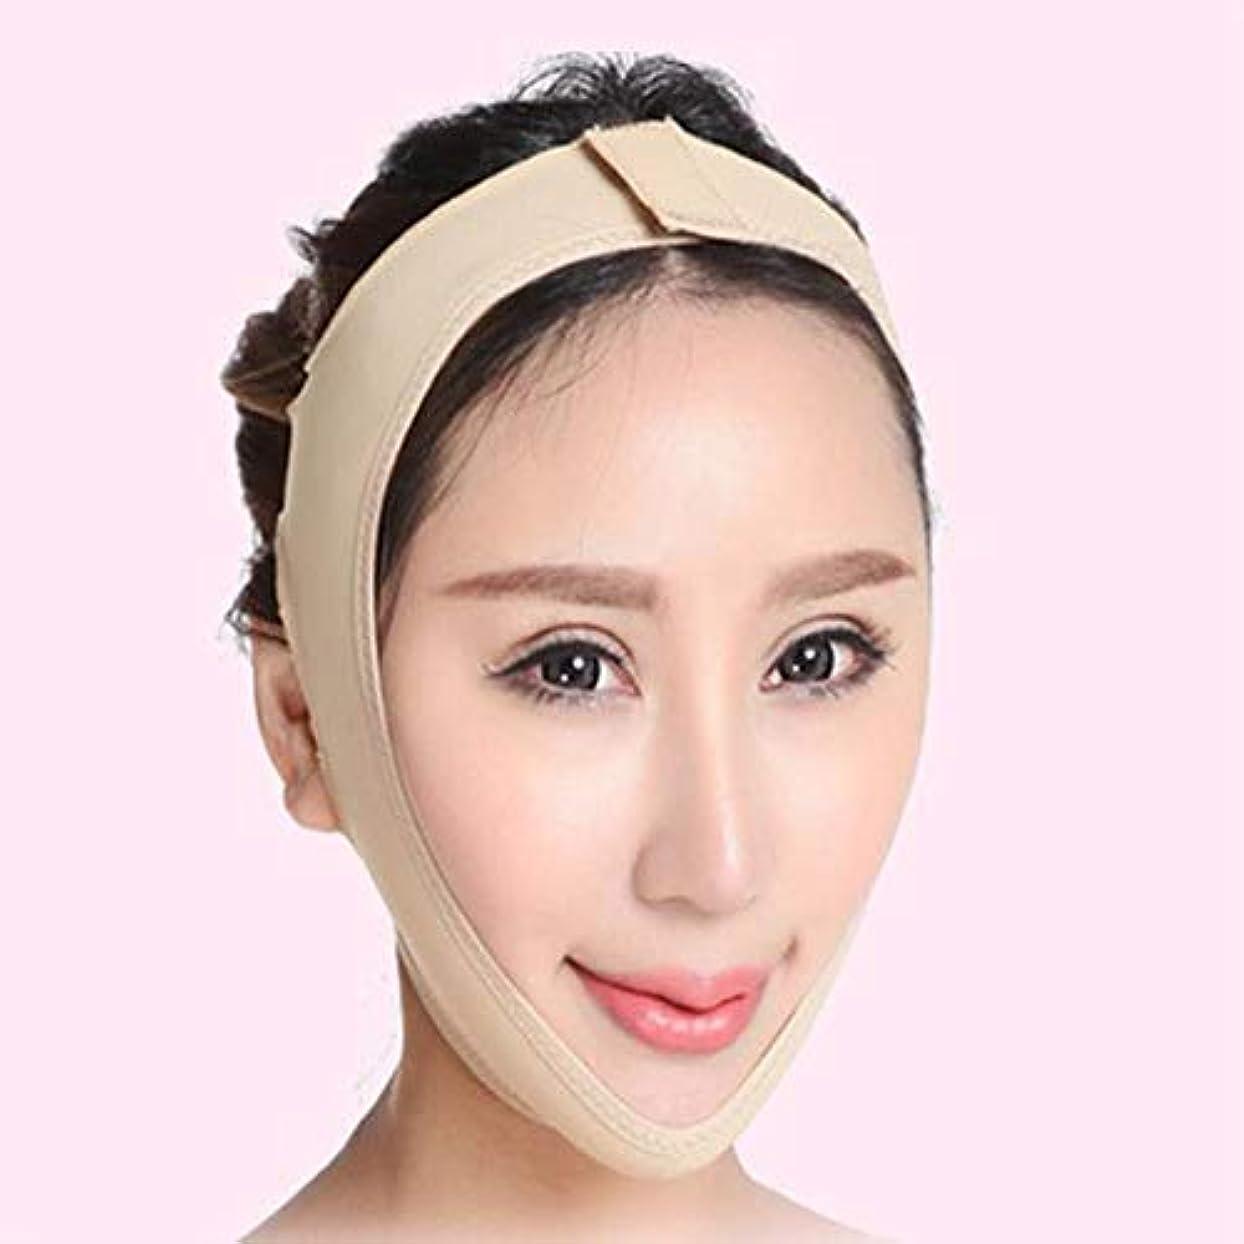 抑圧する比喩少なくともMR 小顔マスク リフトアップ マスク フェイスラインシャープ メンズ レディース Sサイズ MR-AZD15003-S